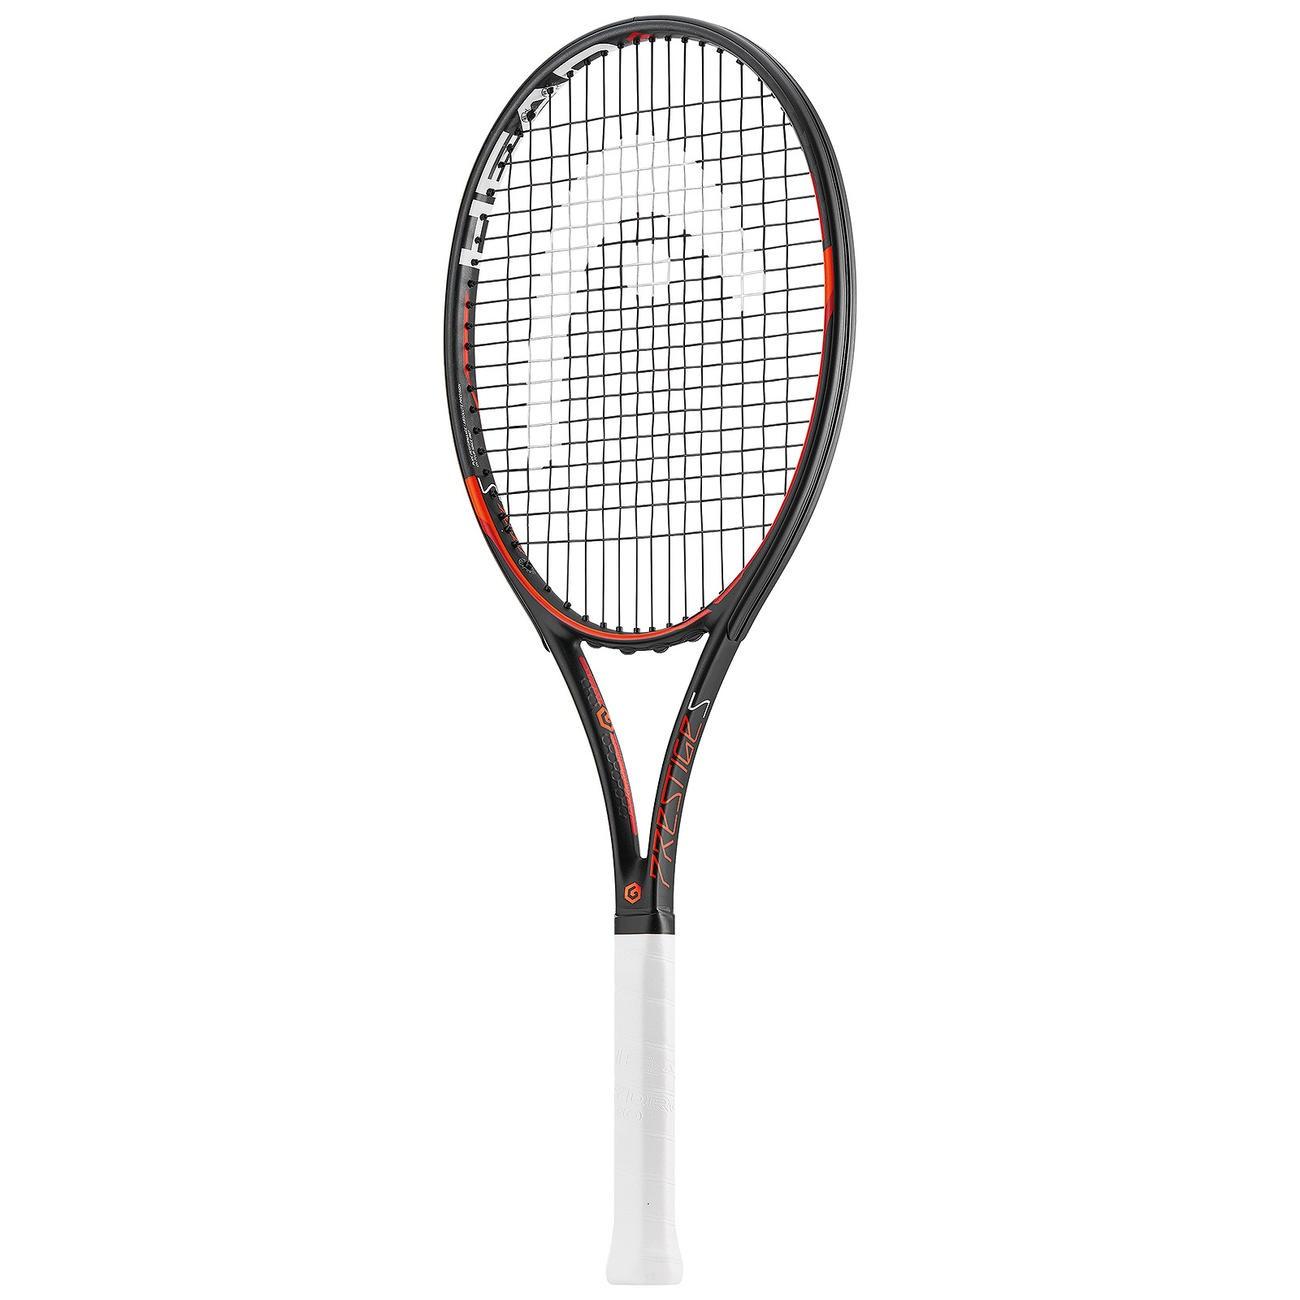 Rakieta tenisowa Head Graphene XT Prestige S